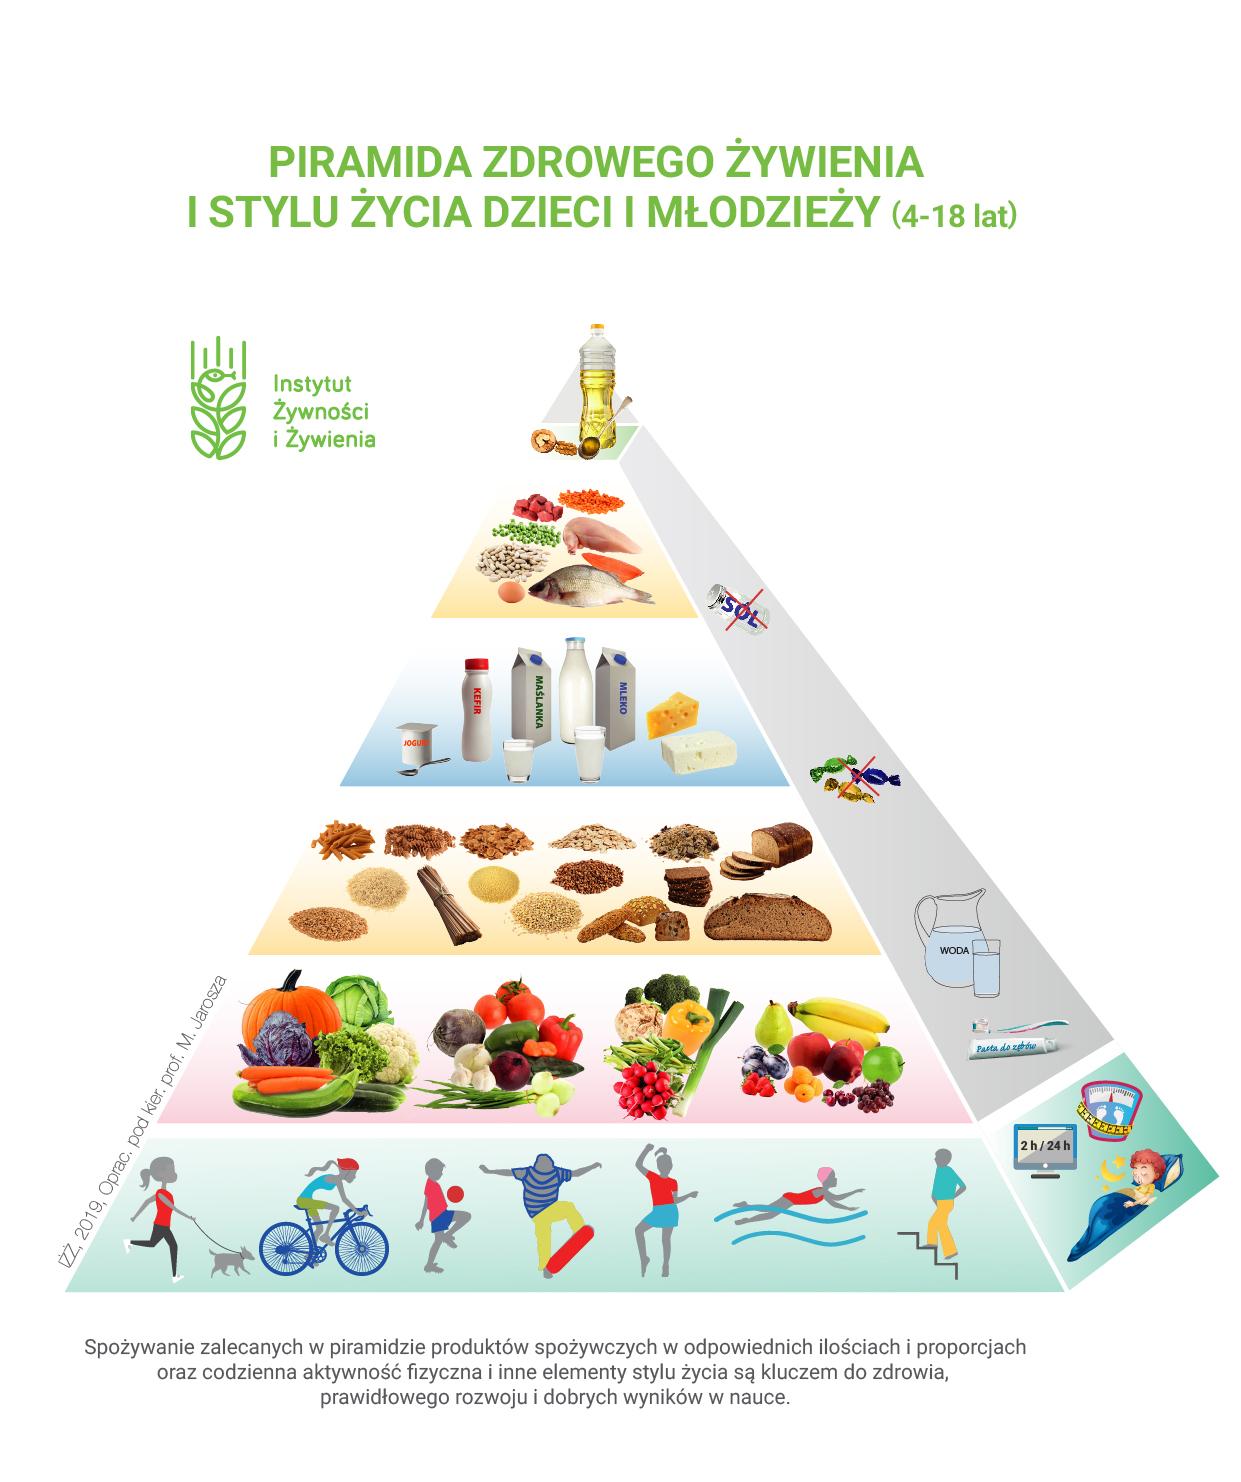 Piramida żywieniowa dla dzieci i młodzieży 2019 – nowe zasady zdrowego  odżywiania i stylu życia - Juniorowo